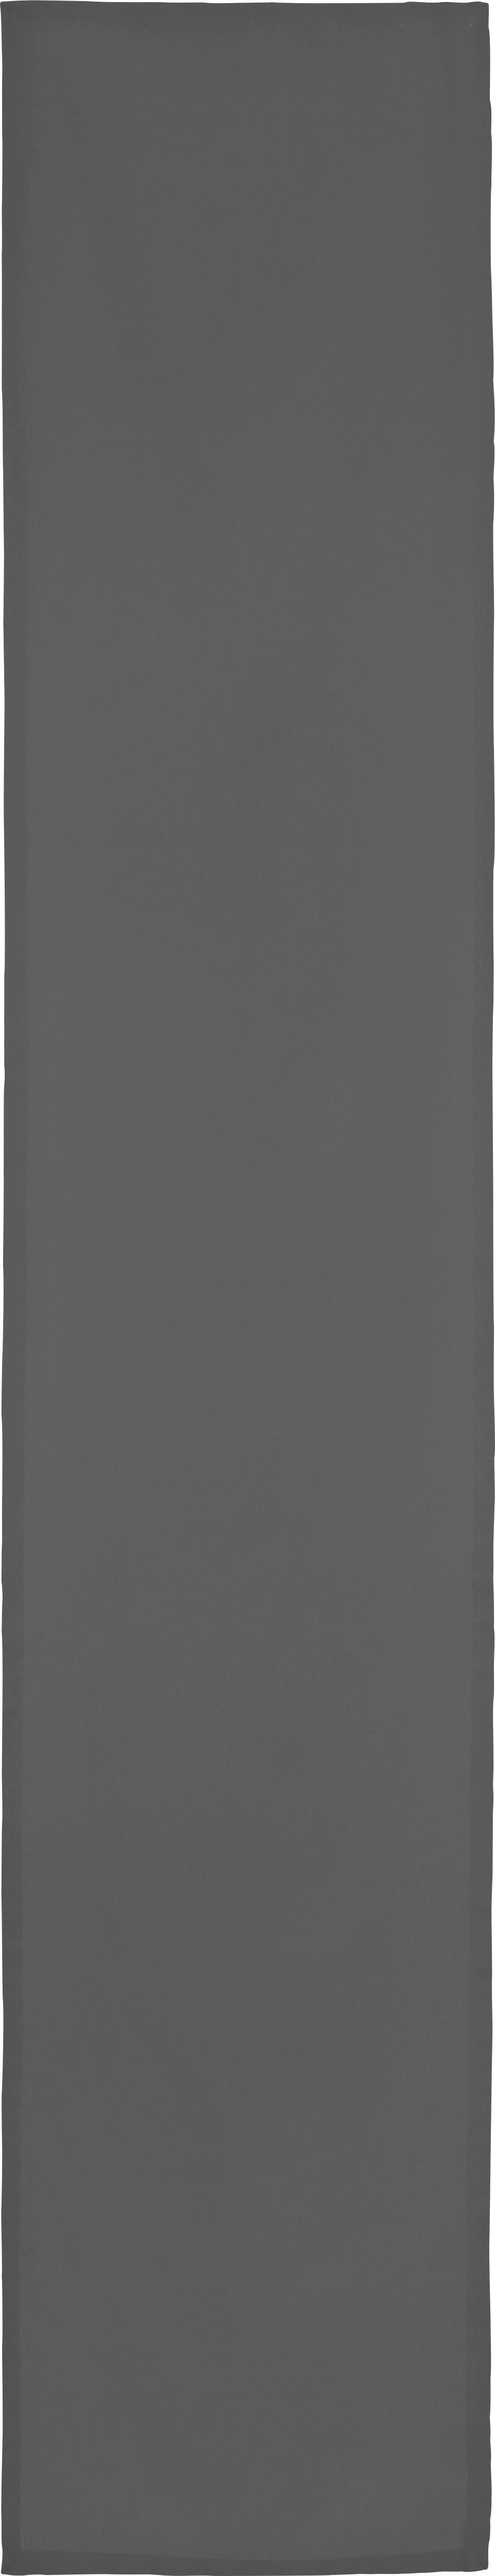 Asztali Futó Steffi Extra Méret - antracit, textil (45/240cm) - MÖMAX modern living